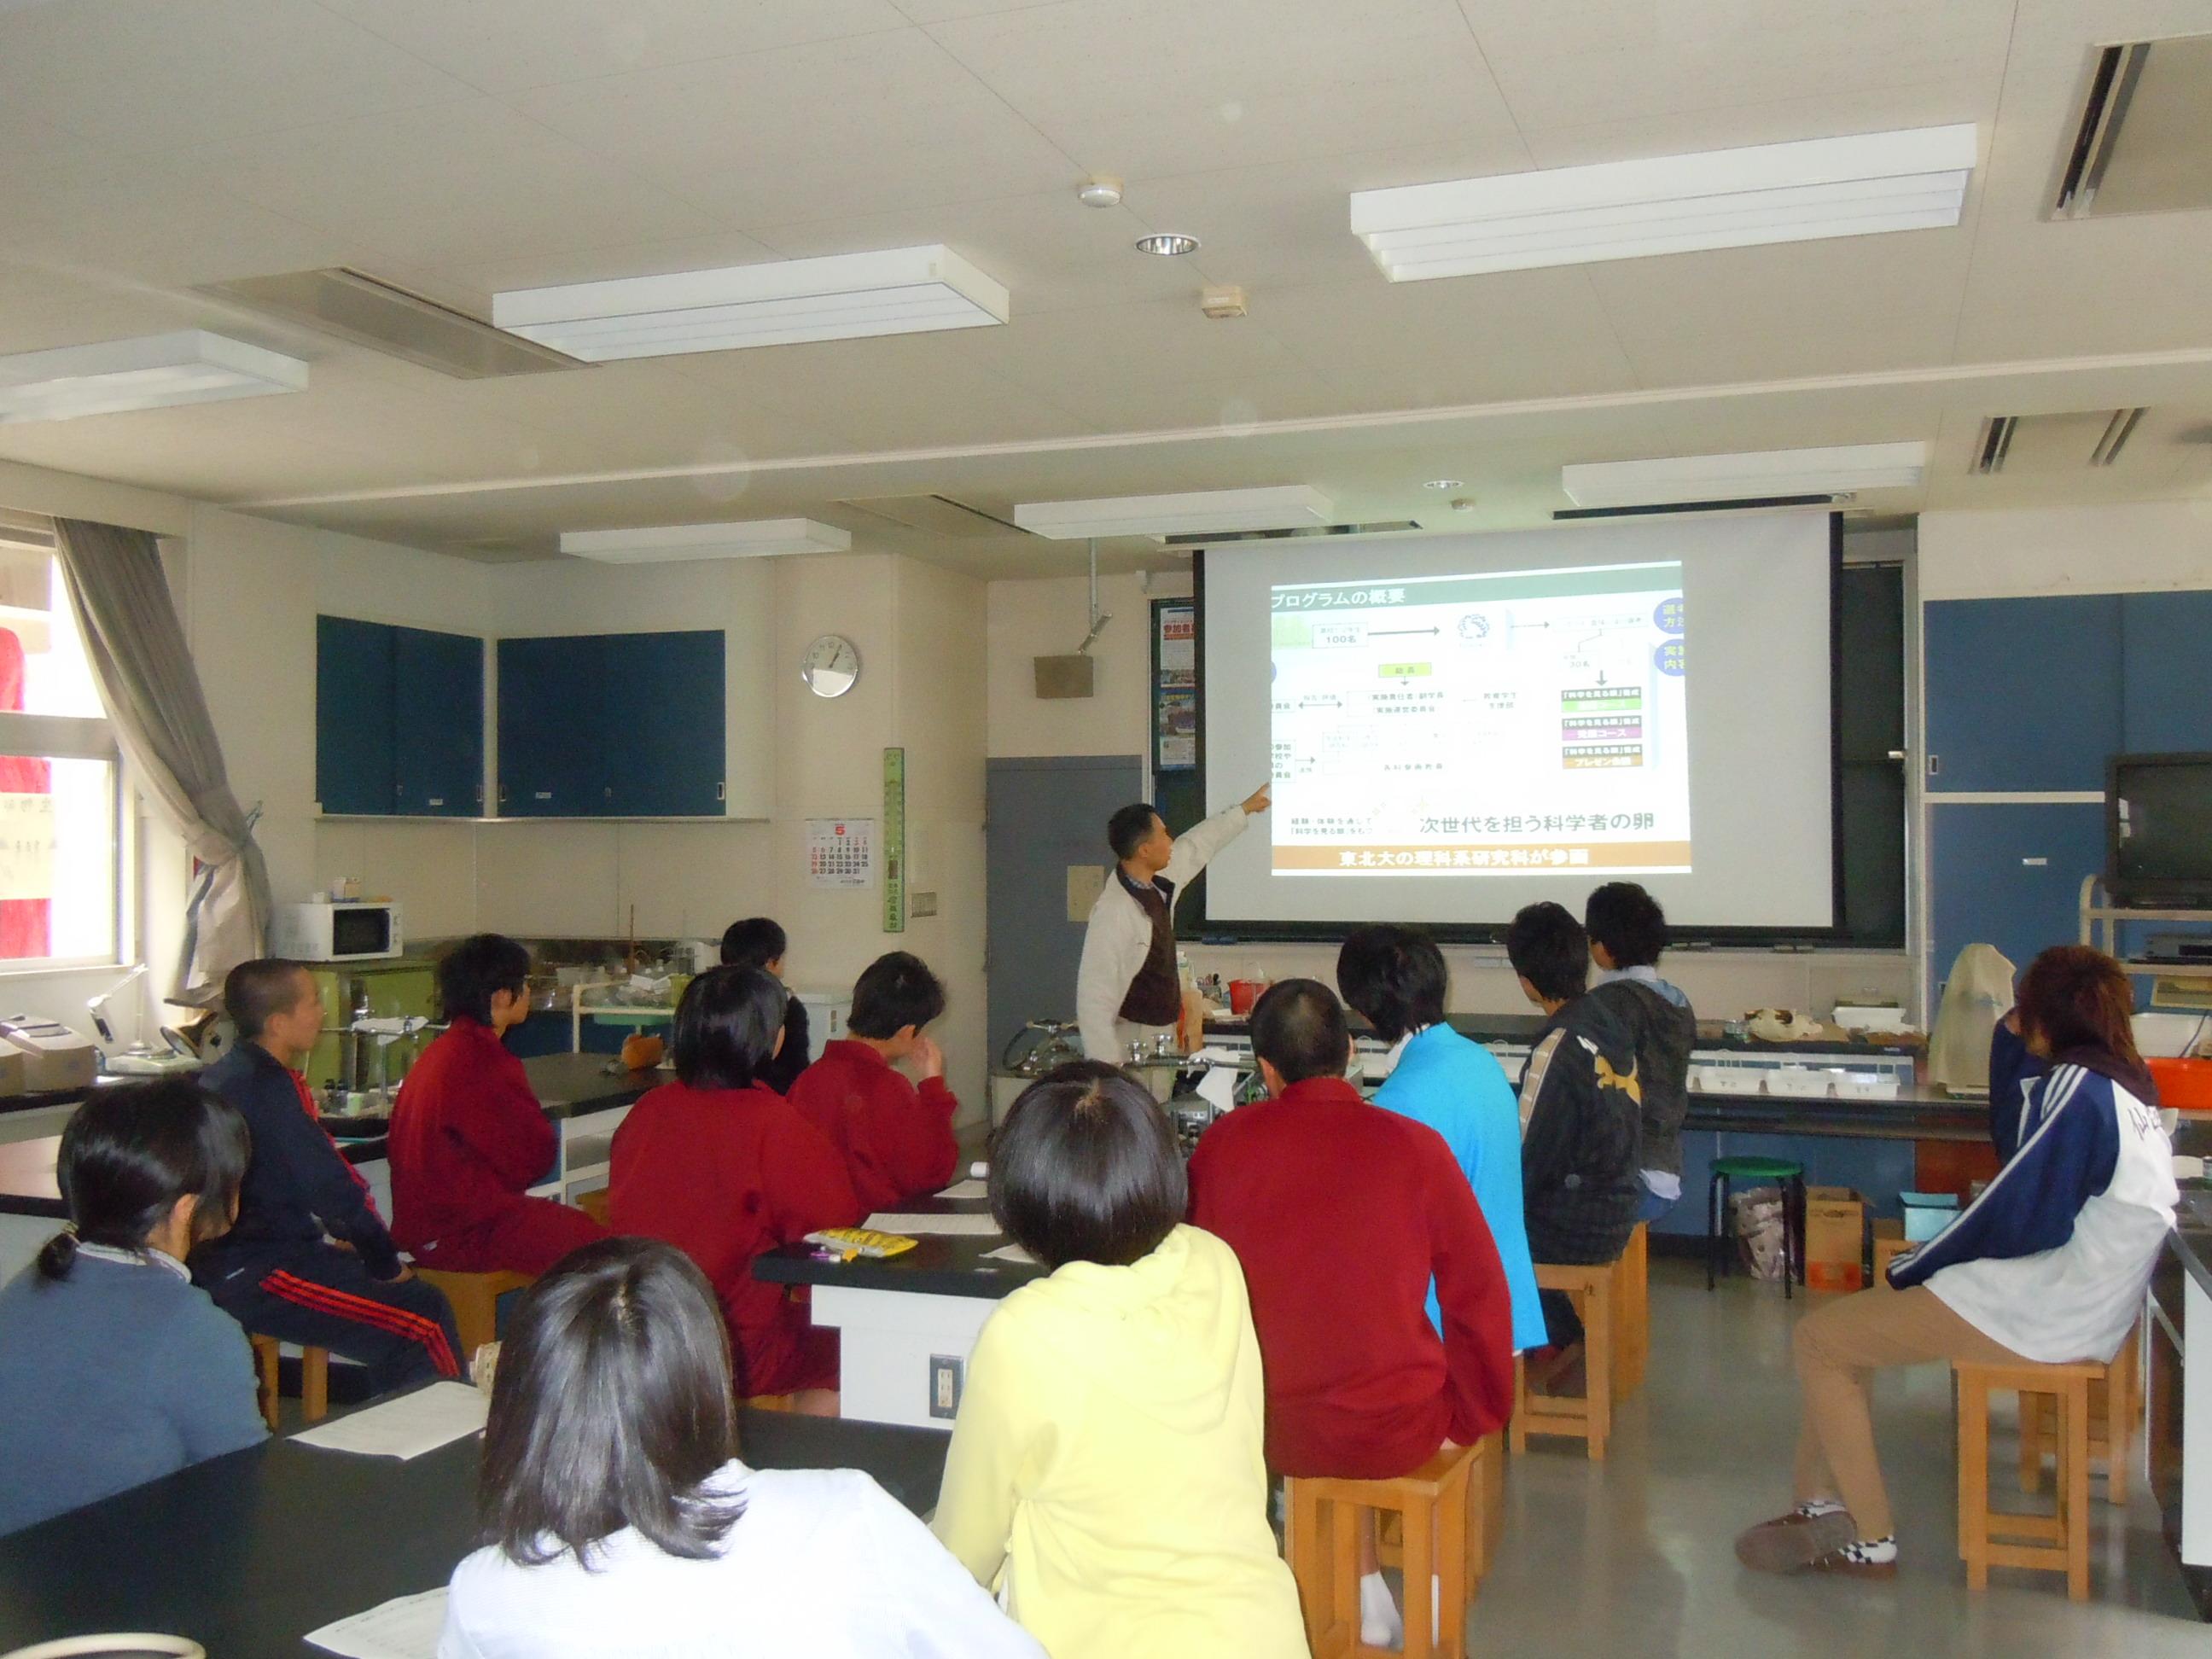 http://www.ige.tohoku.ac.jp/mirai/news/upload_items/201305/DSCN6007.JPG